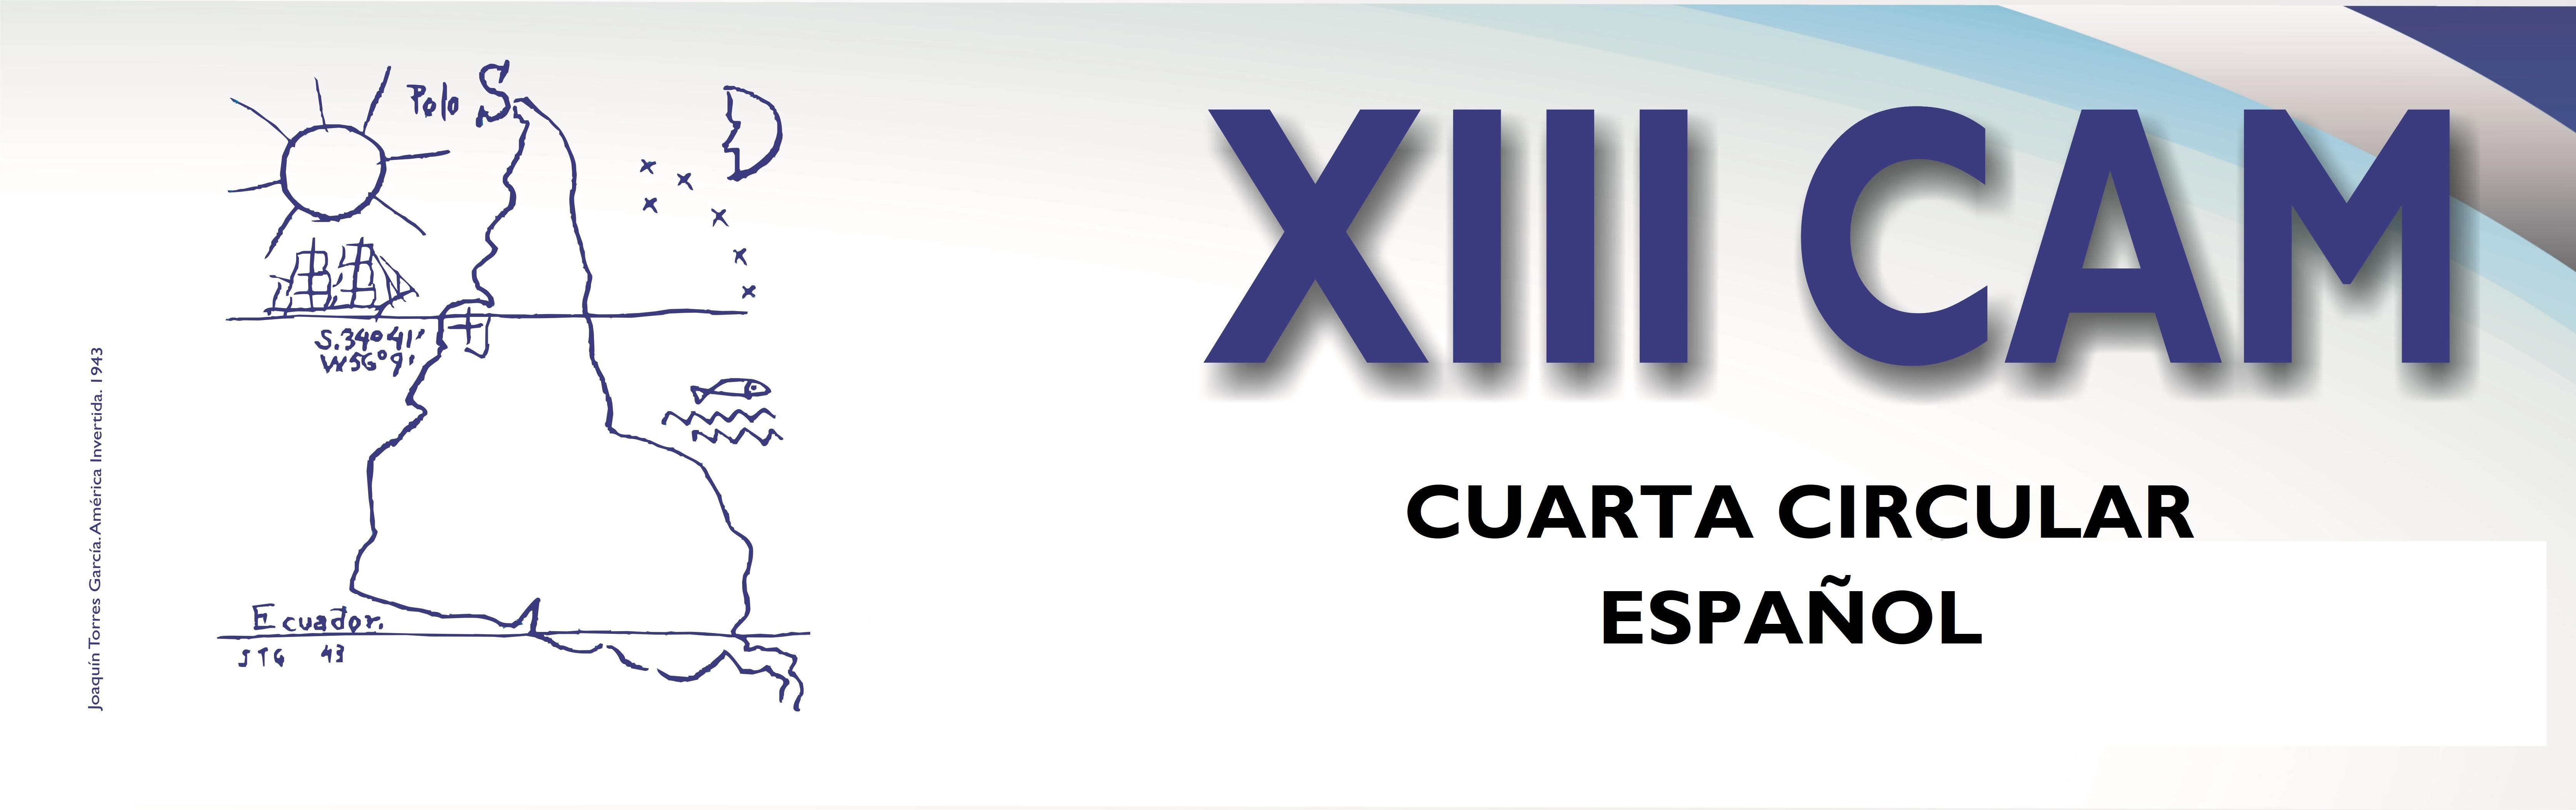 Cuarta circular   Español